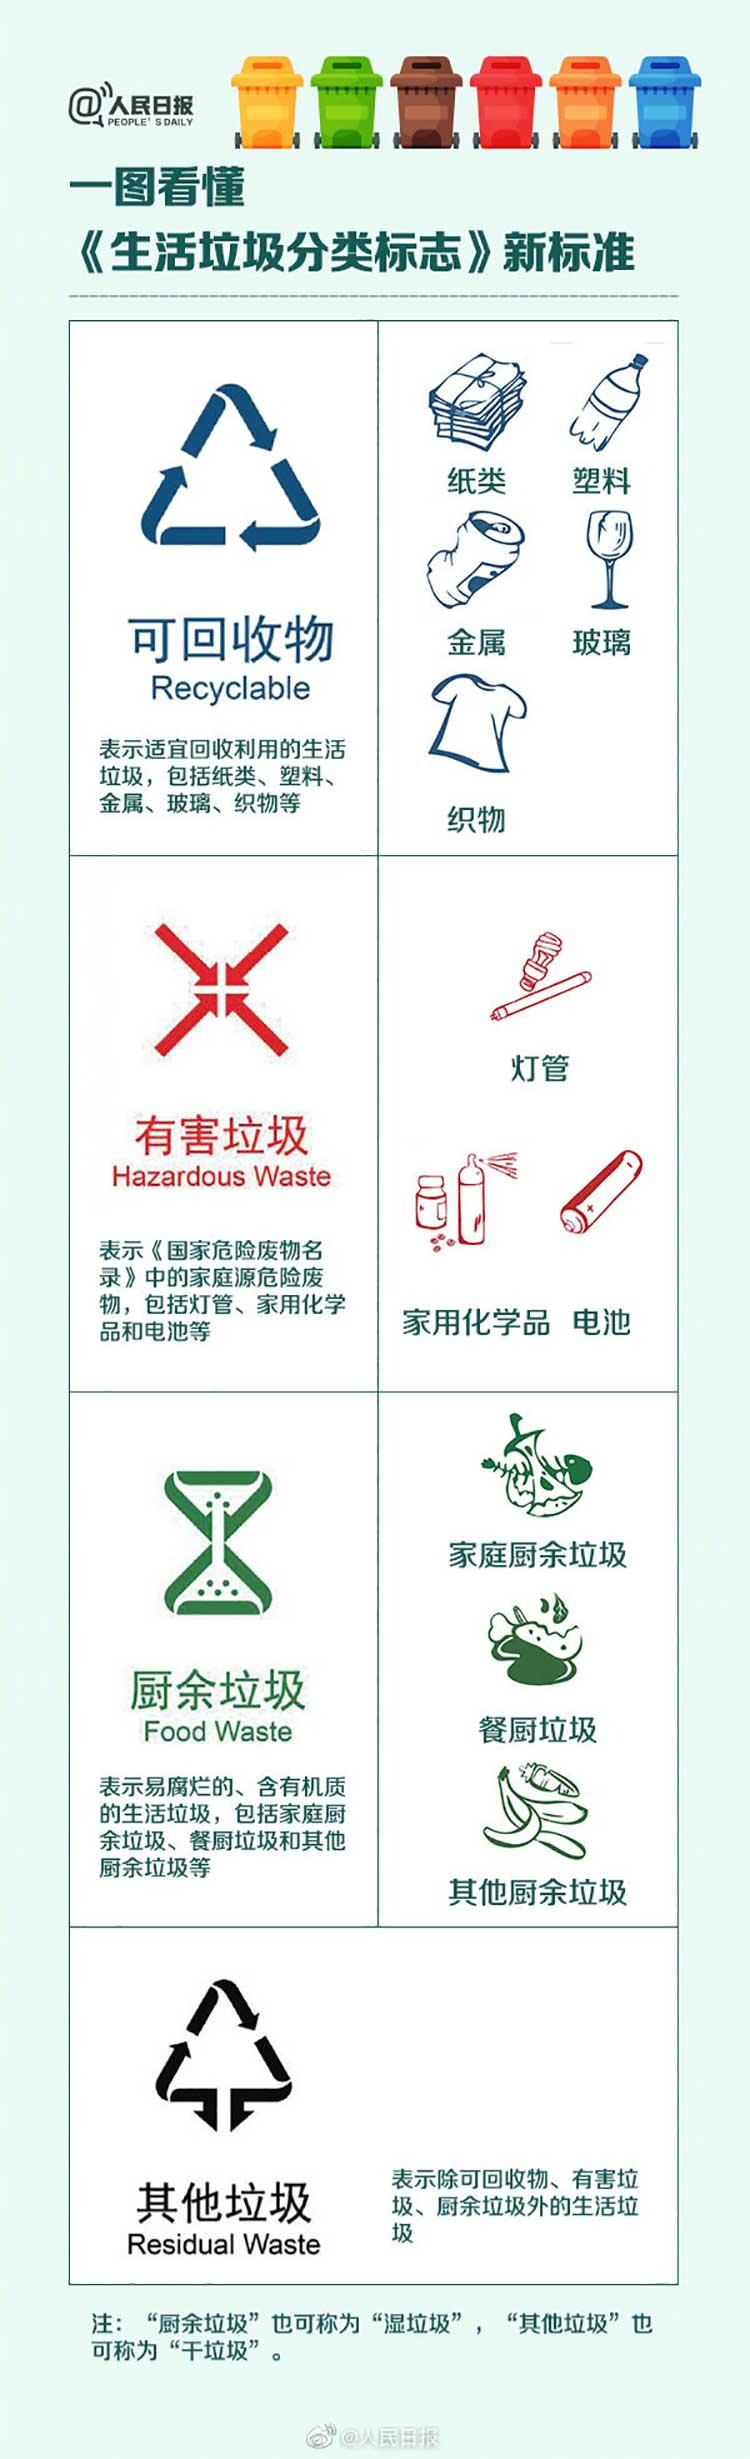 一图看懂垃圾分类新标准